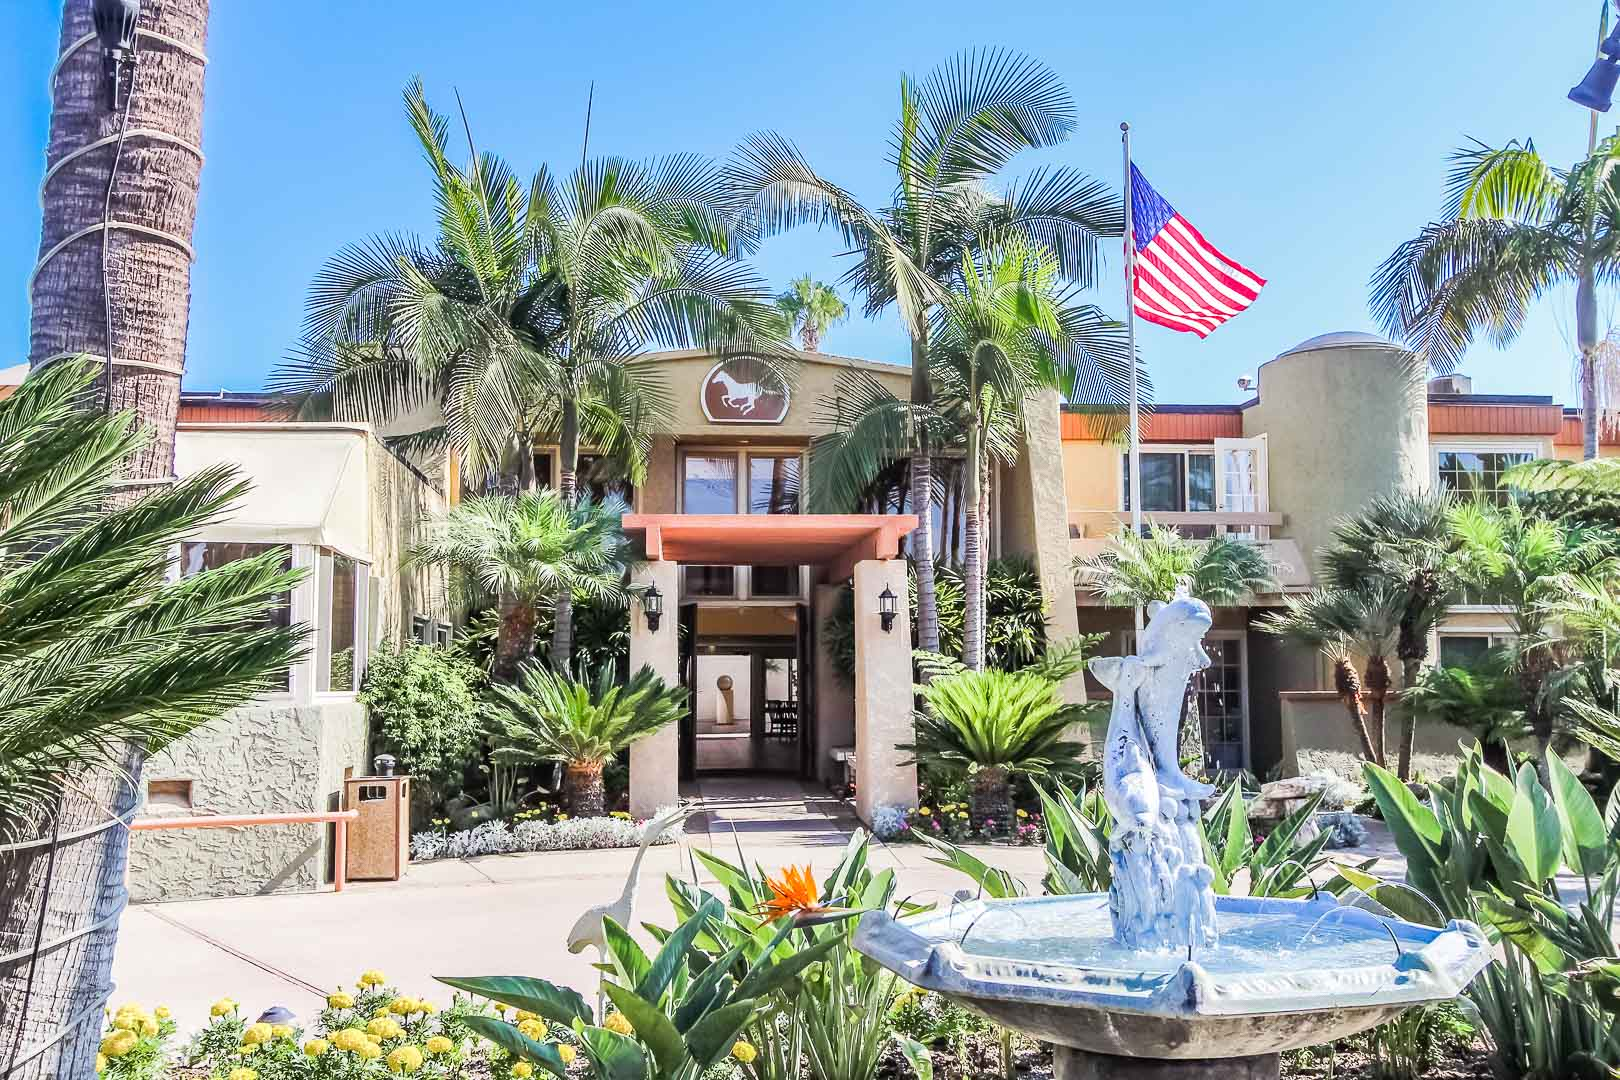 Beautiful clear skies at VRI's Winner Circle Resort in California.